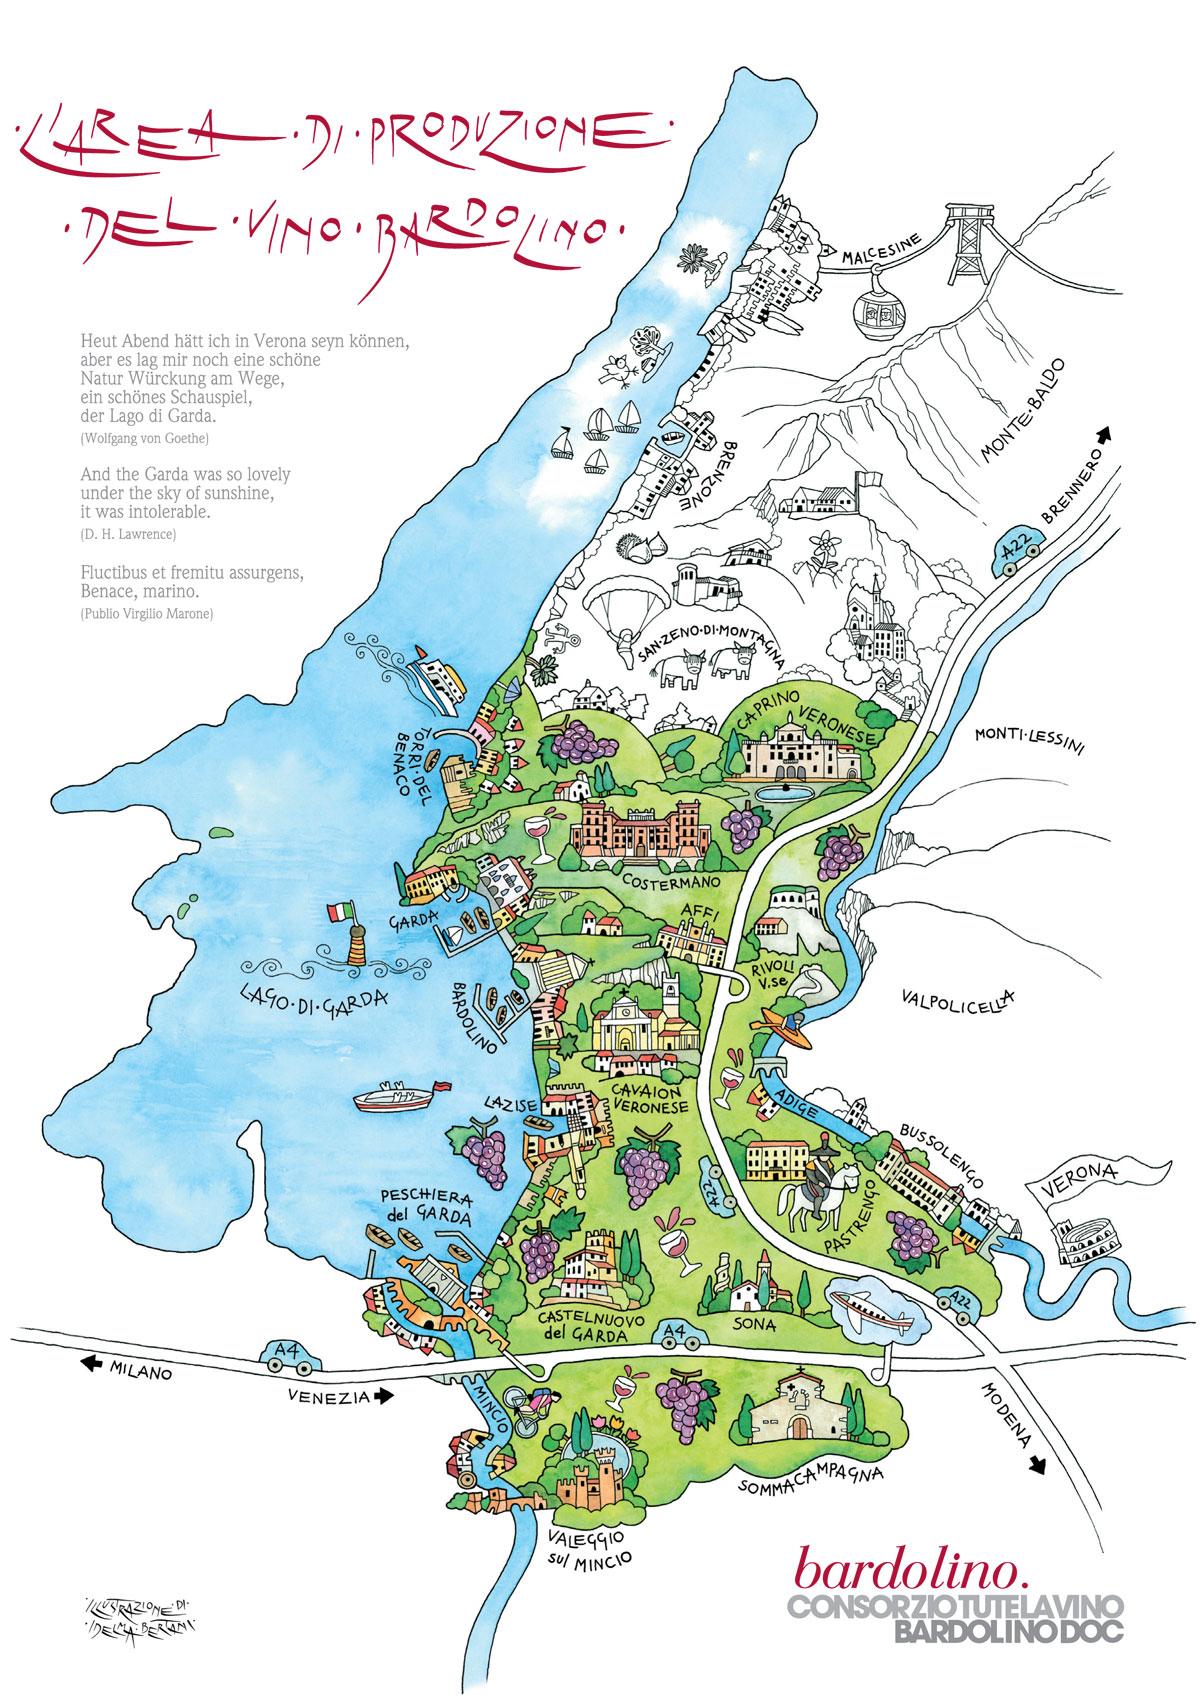 La mappa dell'area di produzione del vino Bardolino